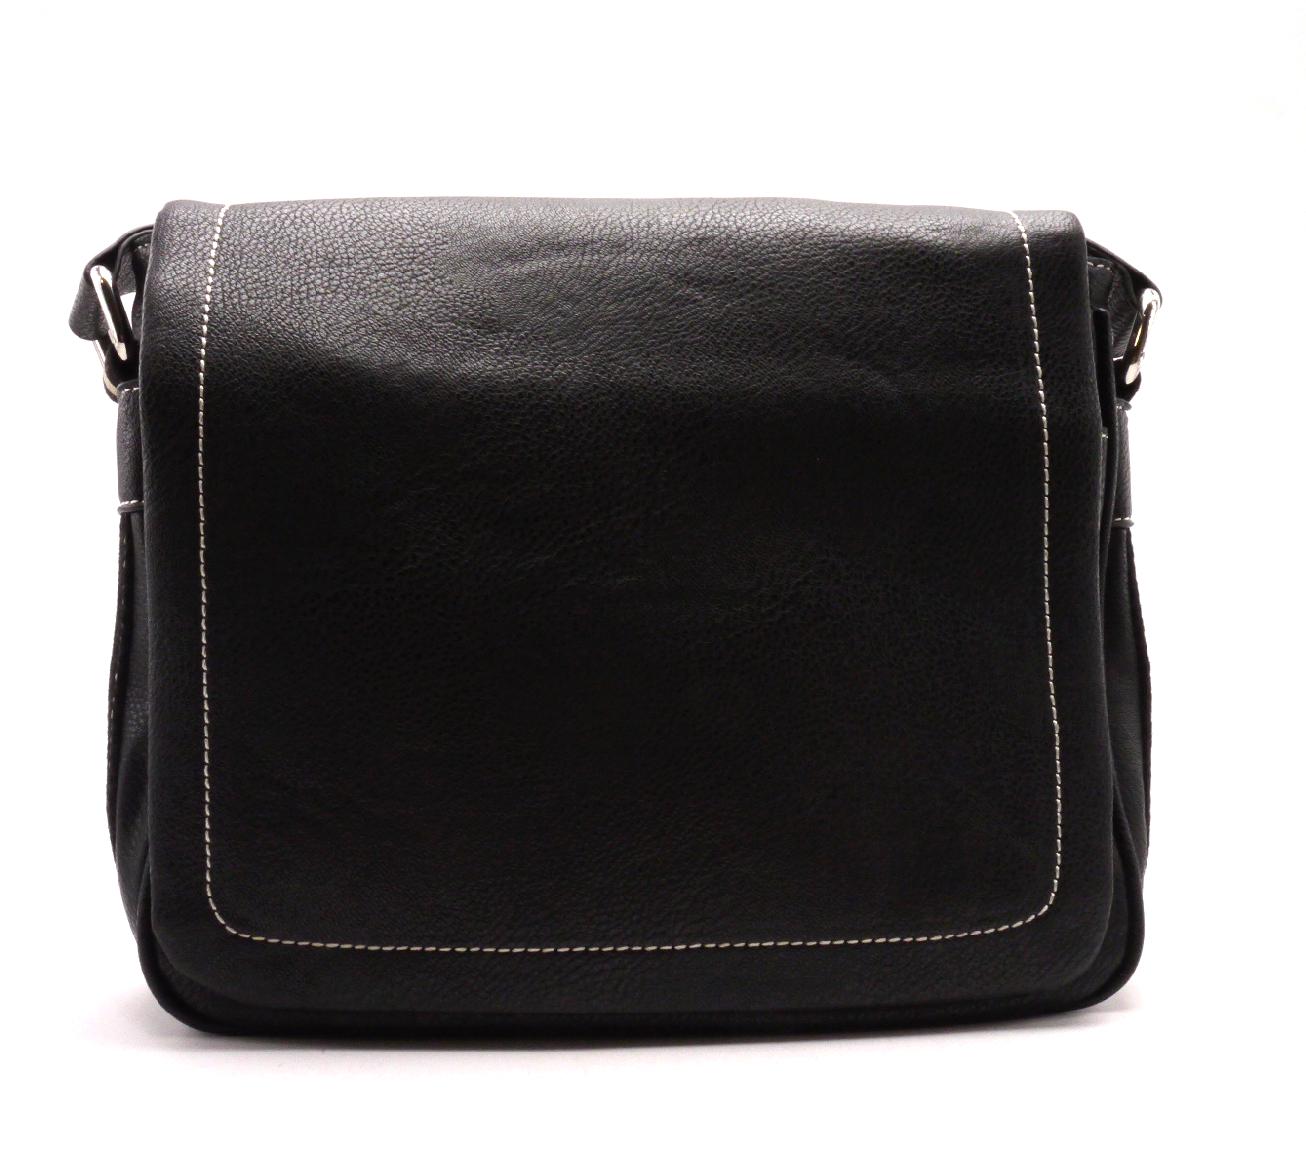 Borse Design Pánská taška 73-23 černá